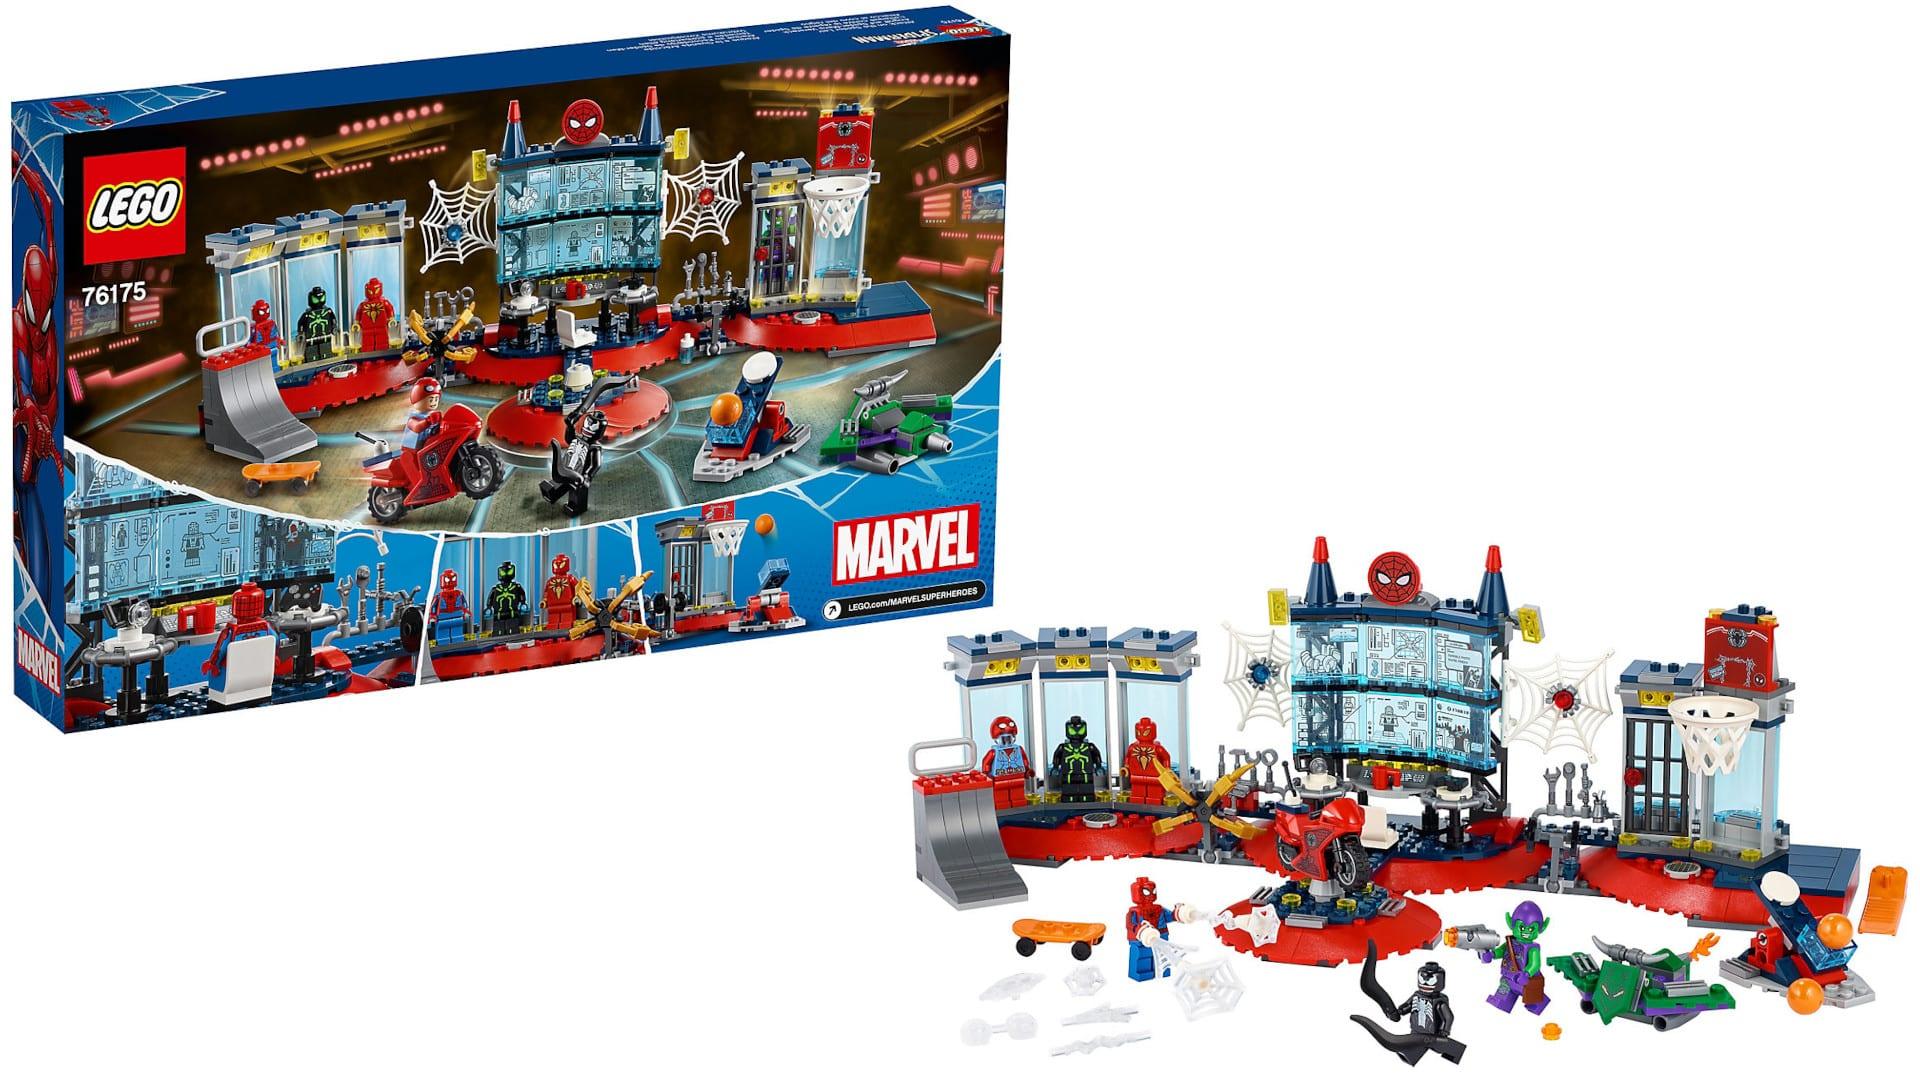 LEGO Angriff auf Spider-Mans Versteck